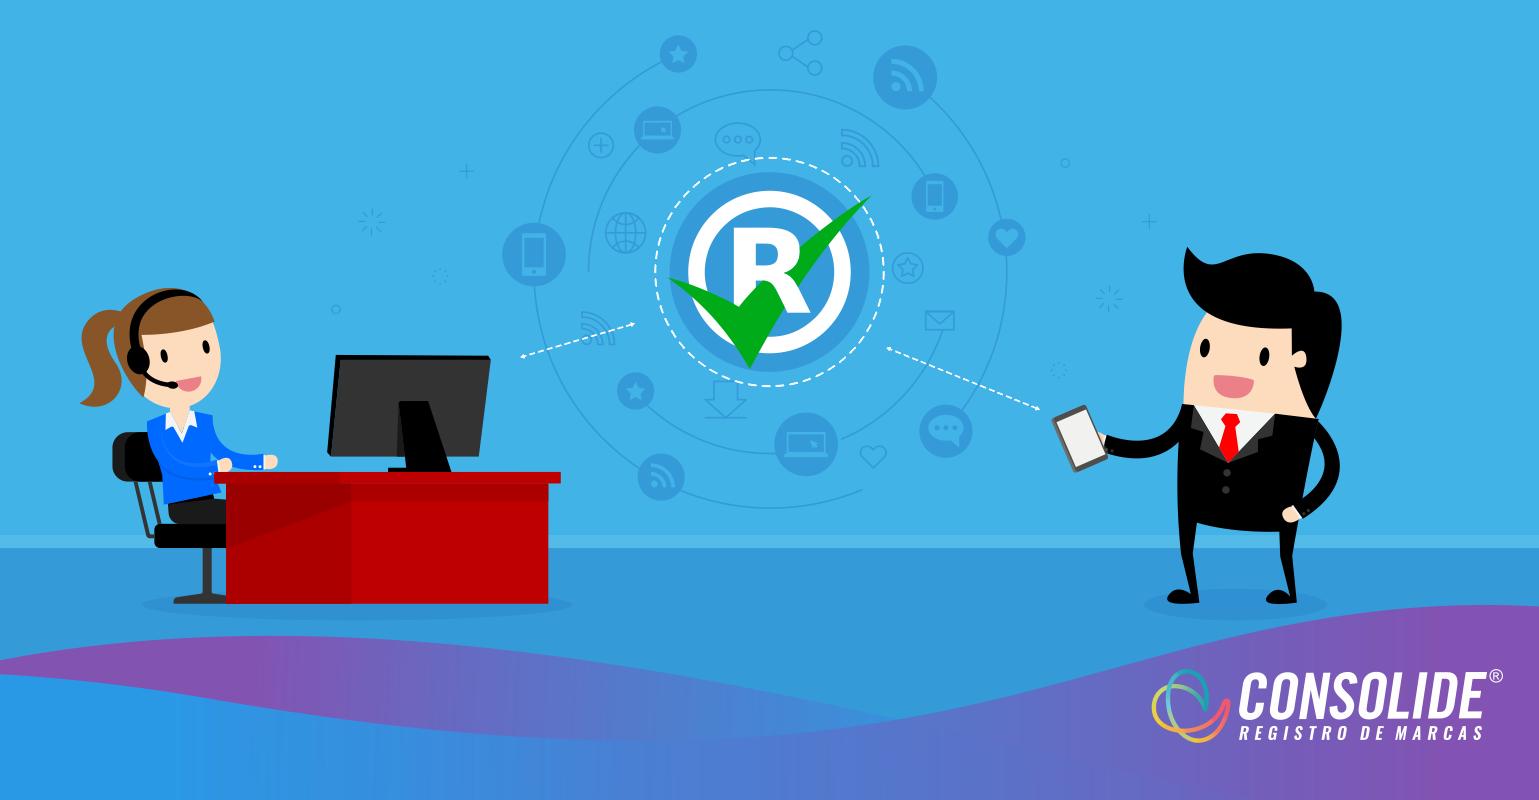 9 dicas para contratar a melhor empresa de registro de marca online